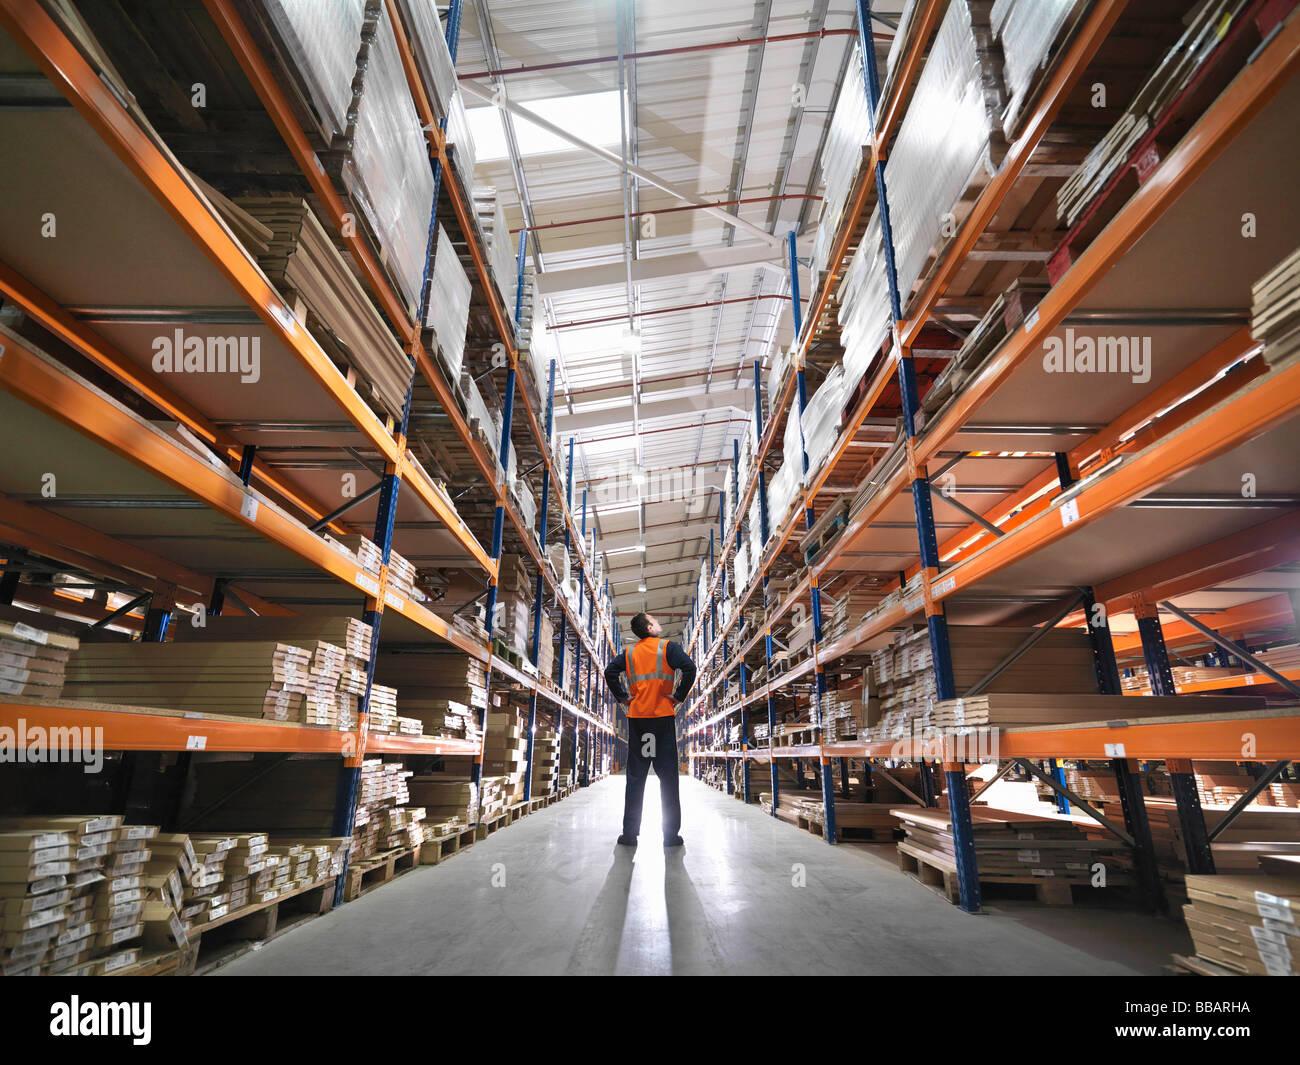 Trabajador la inspección de mercancías en el almacén Imagen De Stock